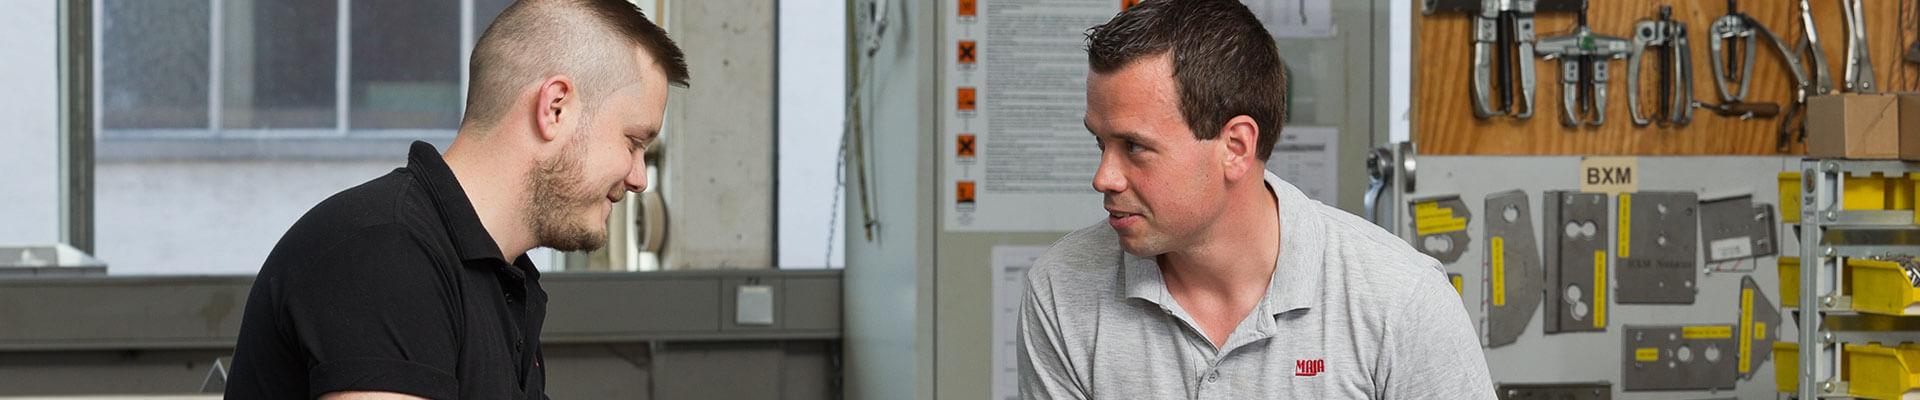 MAJA-Maschinenfabrik Hermann Schill GmbH & CO. KG